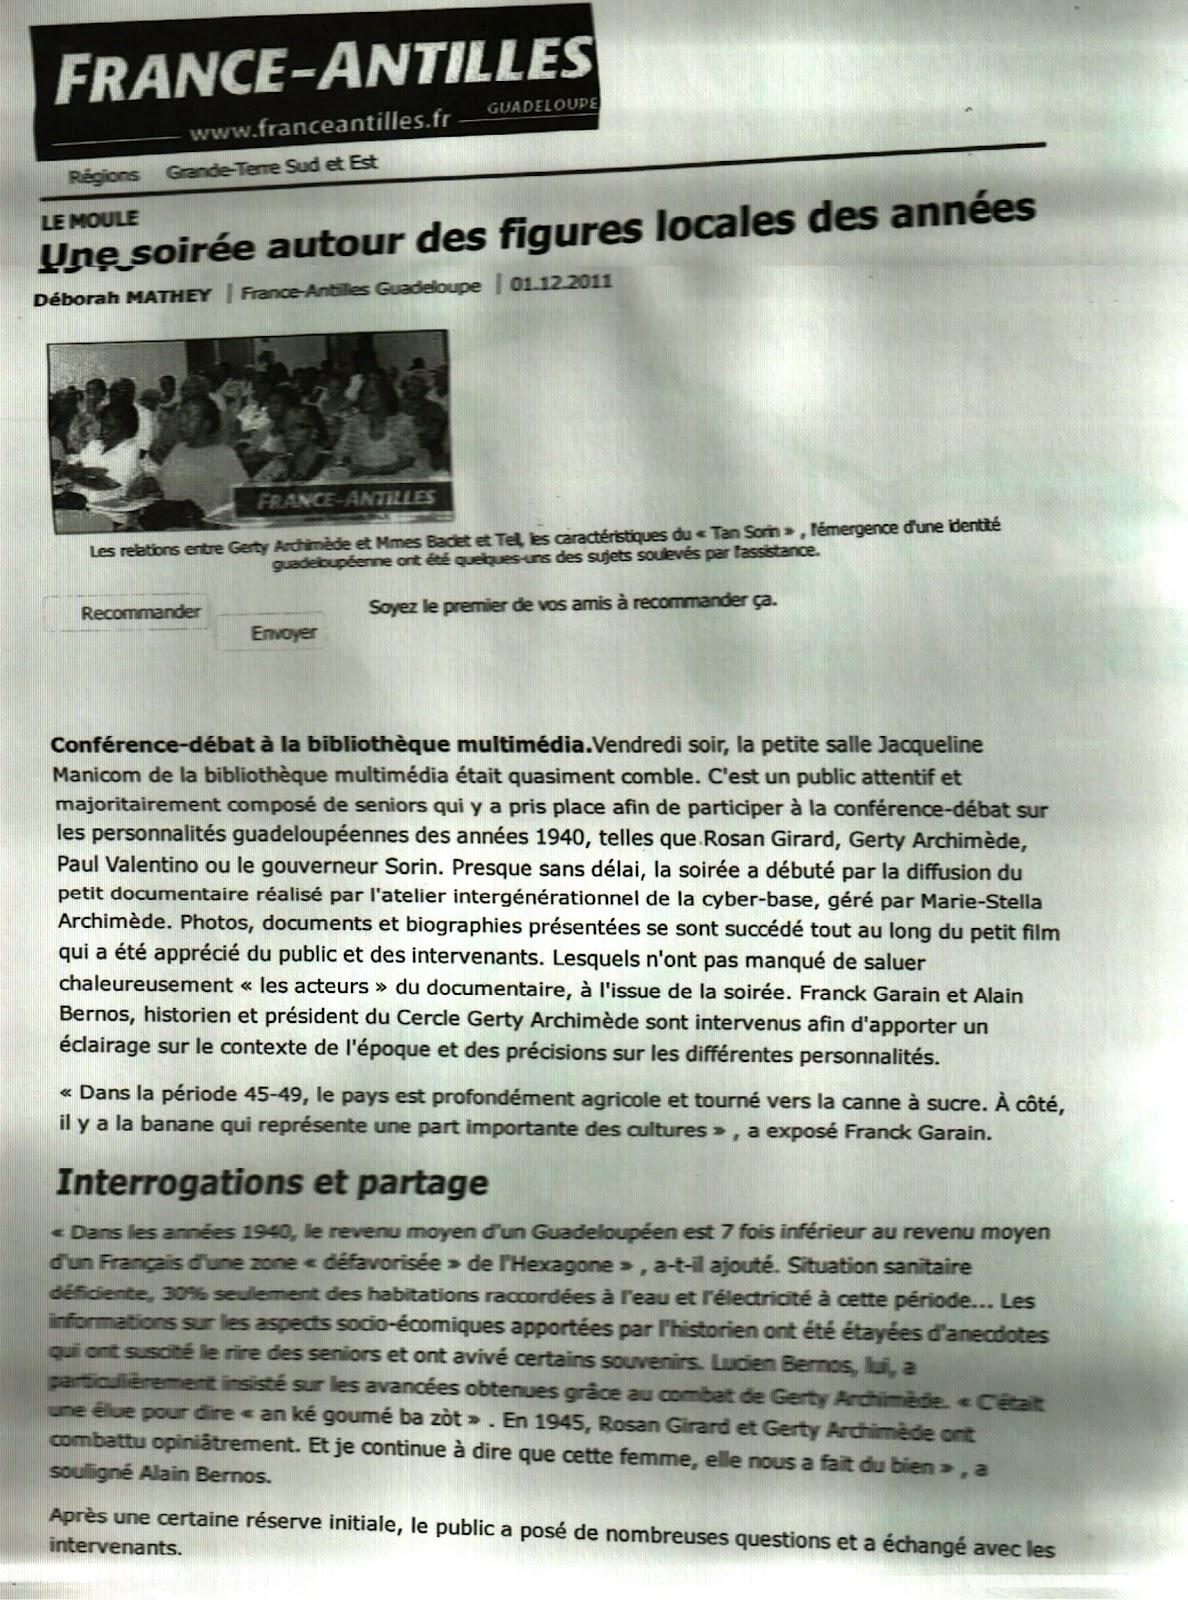 rencontre cyber base 2012 Villeneuve-d'Ascq